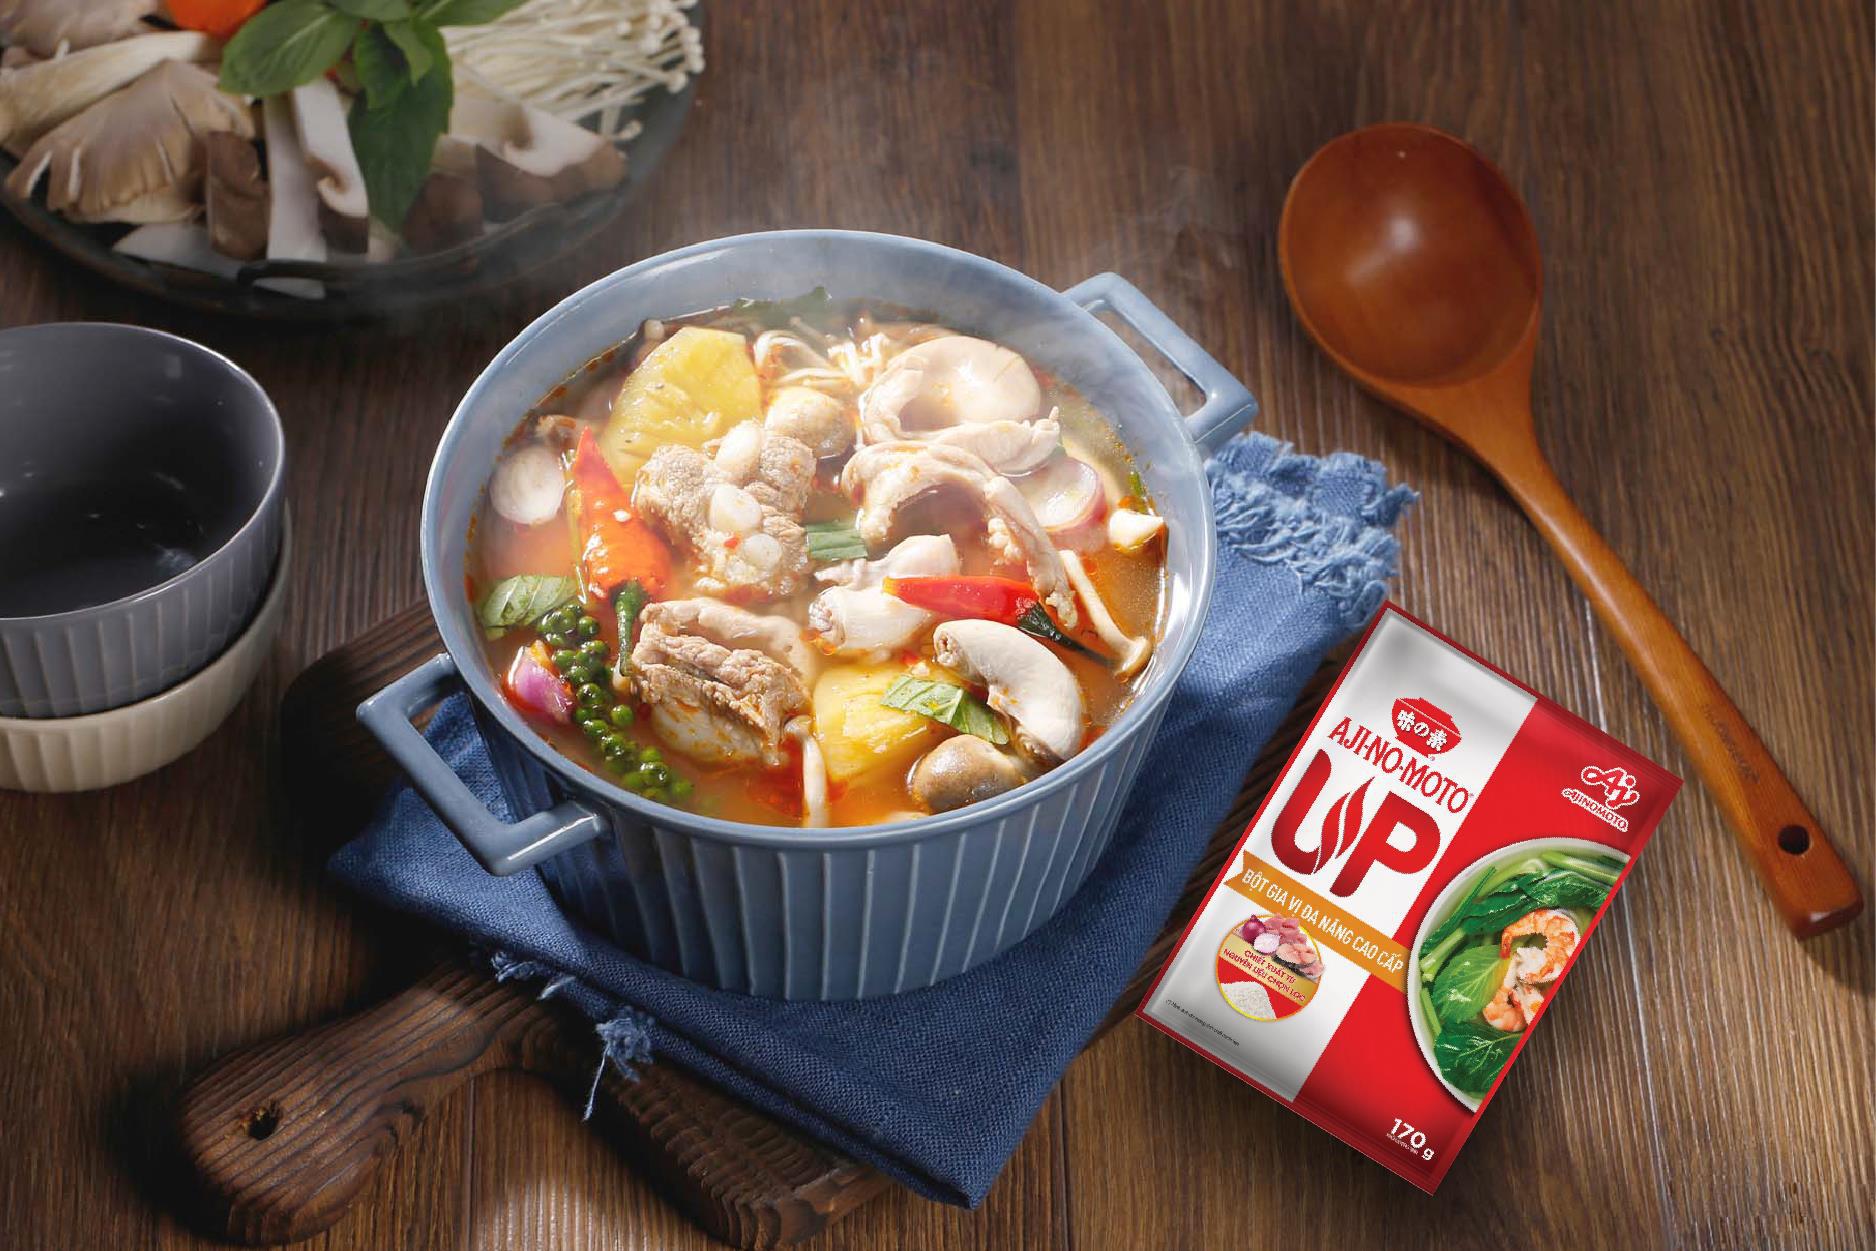 Tận hưởng niềm vui nấu ăn với Bột gia vị đa năng AJI-NO-MOTO® UP - Ảnh 2.